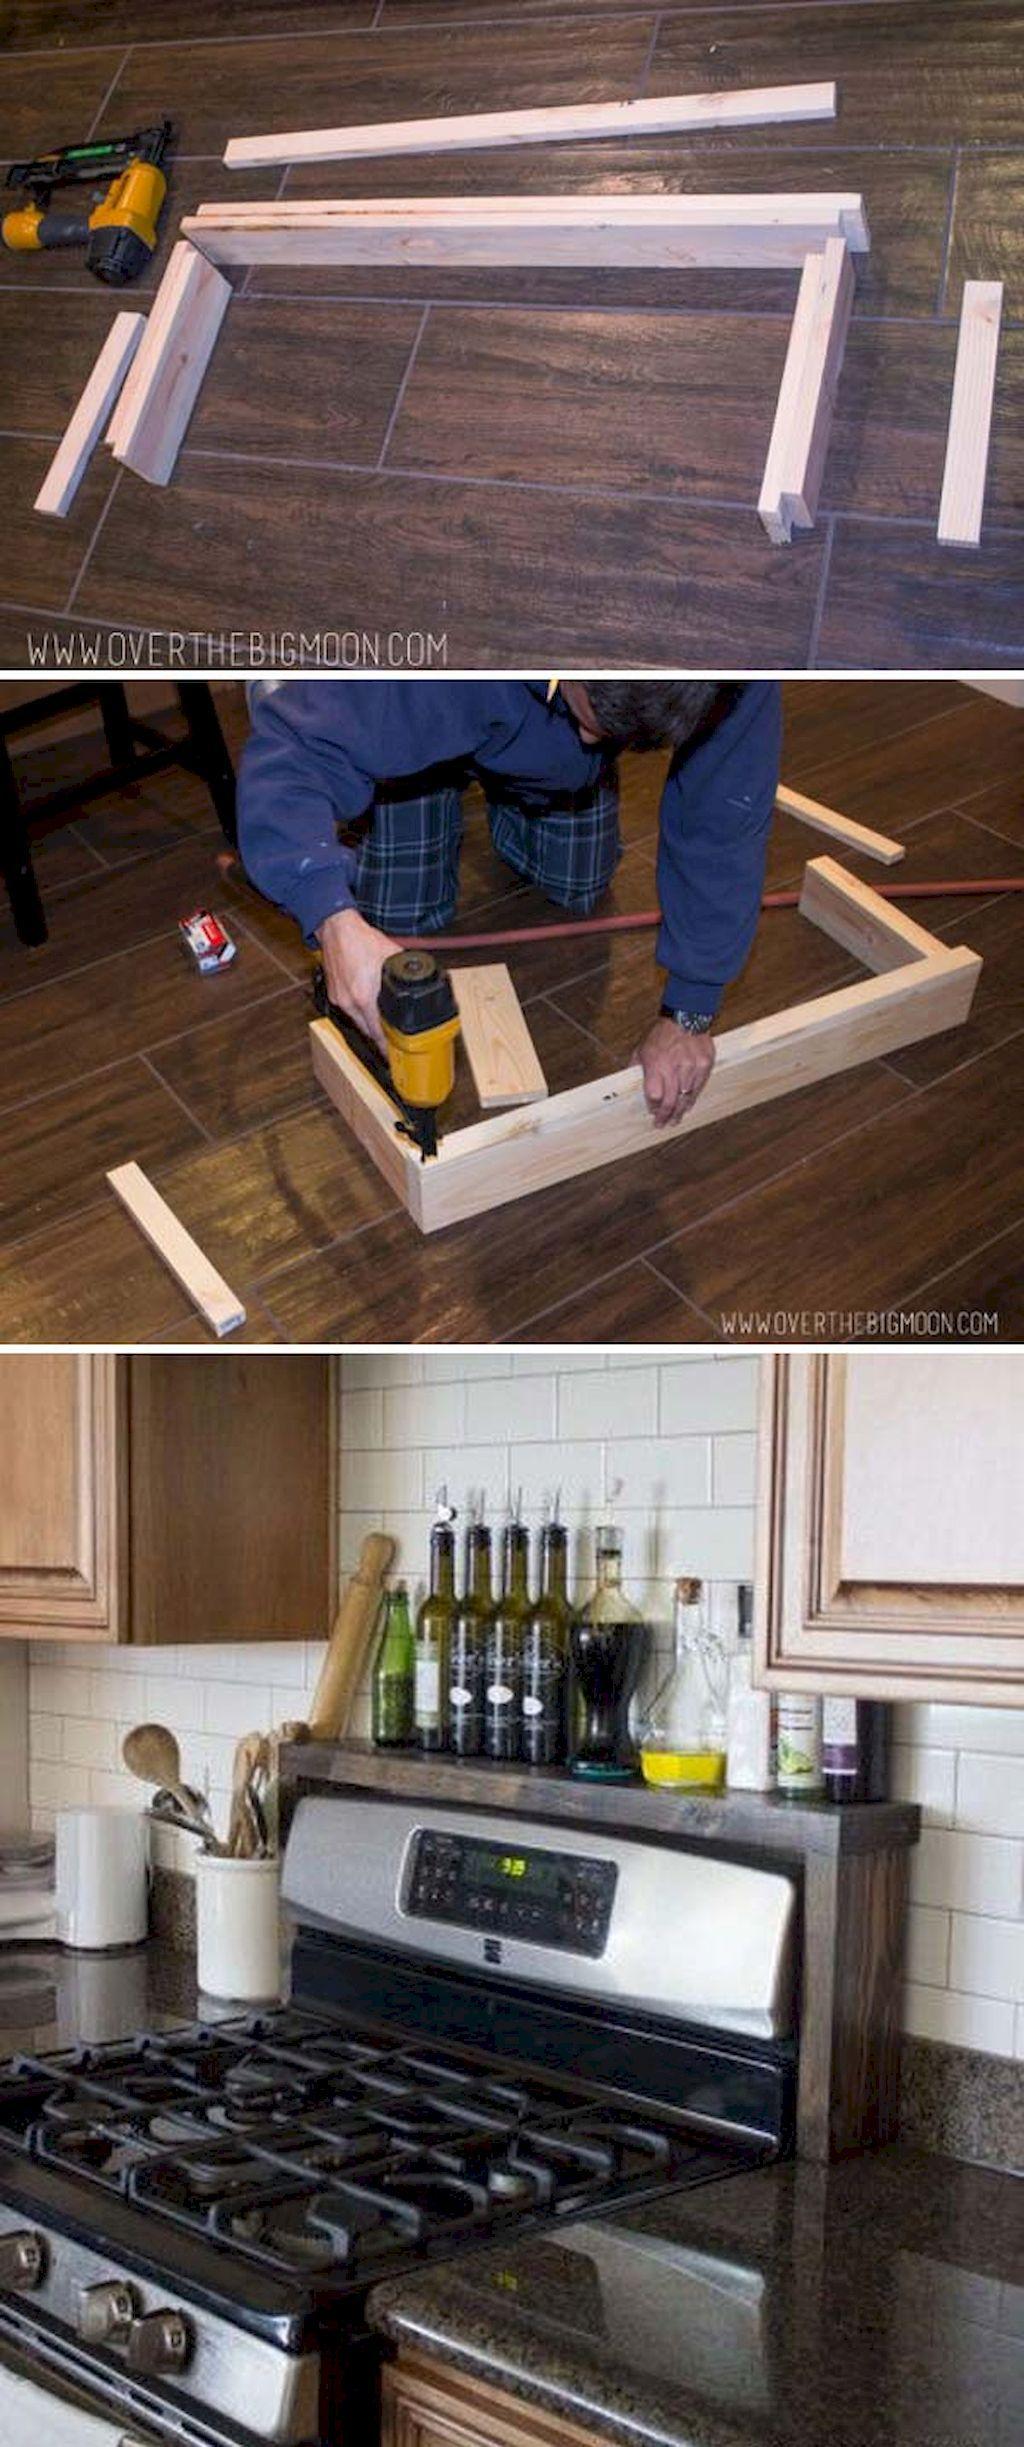 Erweiterung der küchenideen  creative diy shelves ideas for around your home  home plans